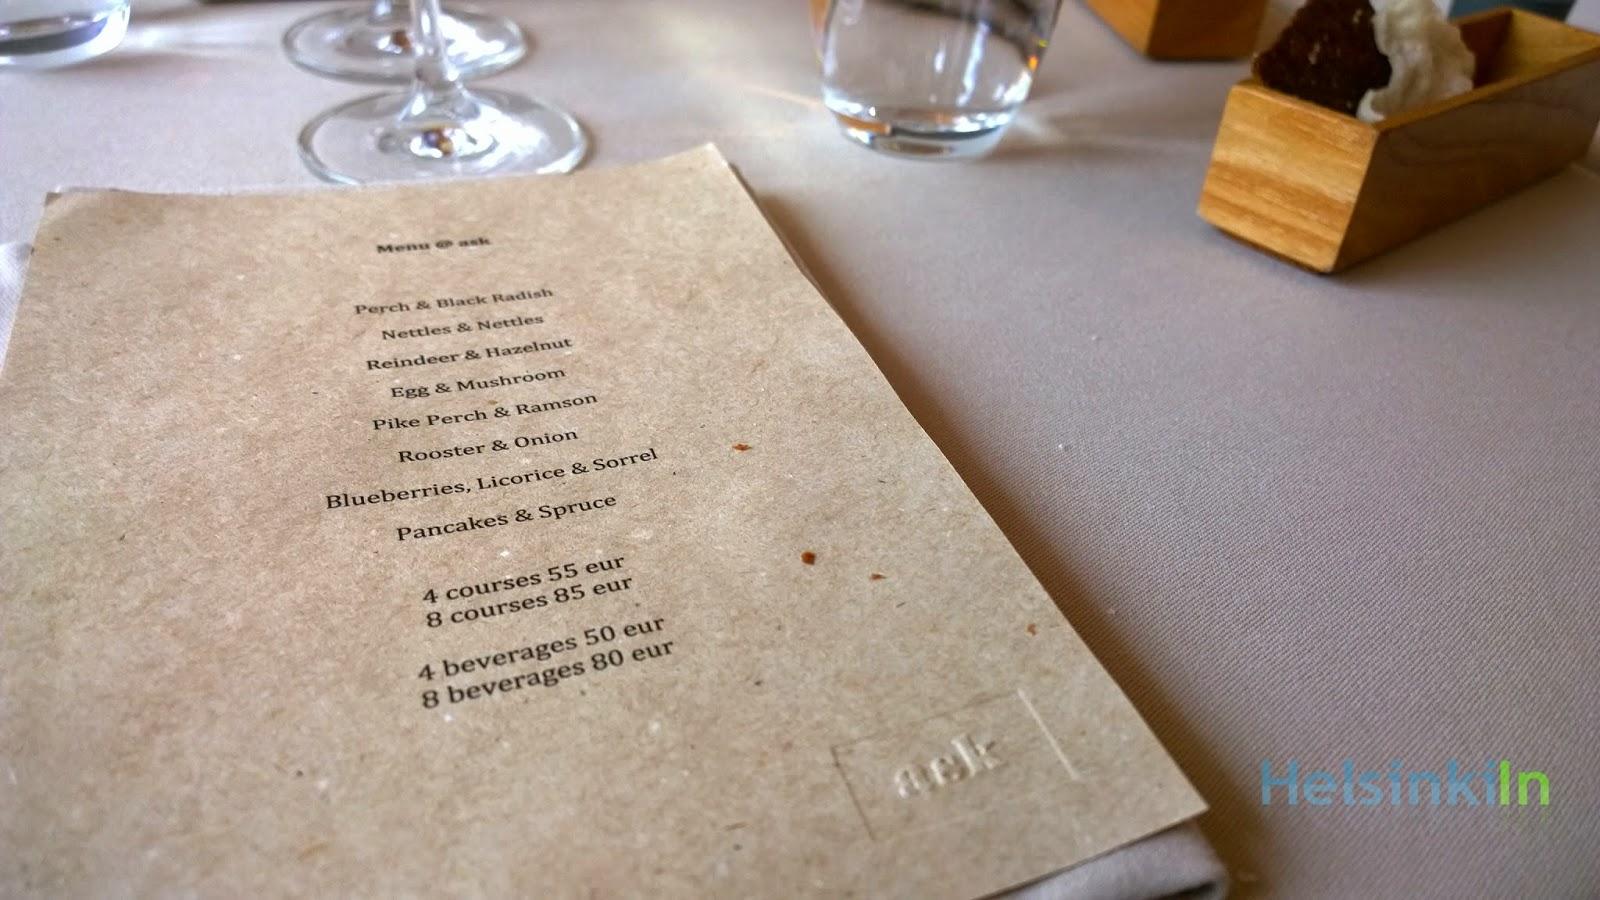 the menu at Ask